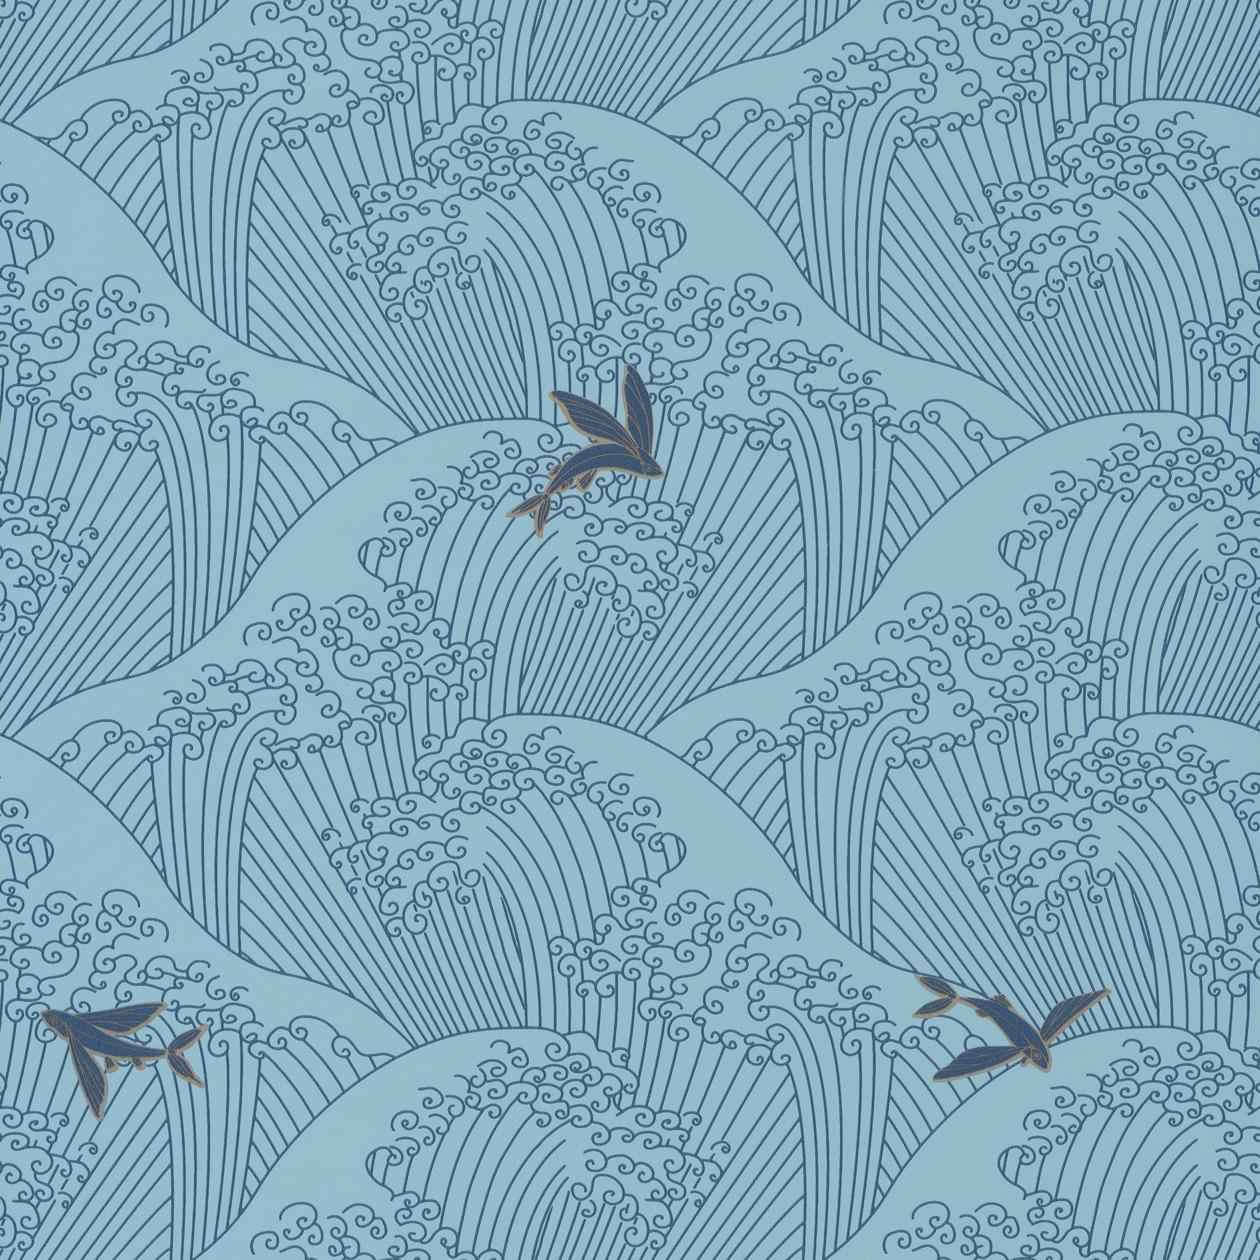 Klasszikus japán mintás tapéta kék alapon kék hullám, hal motívummal